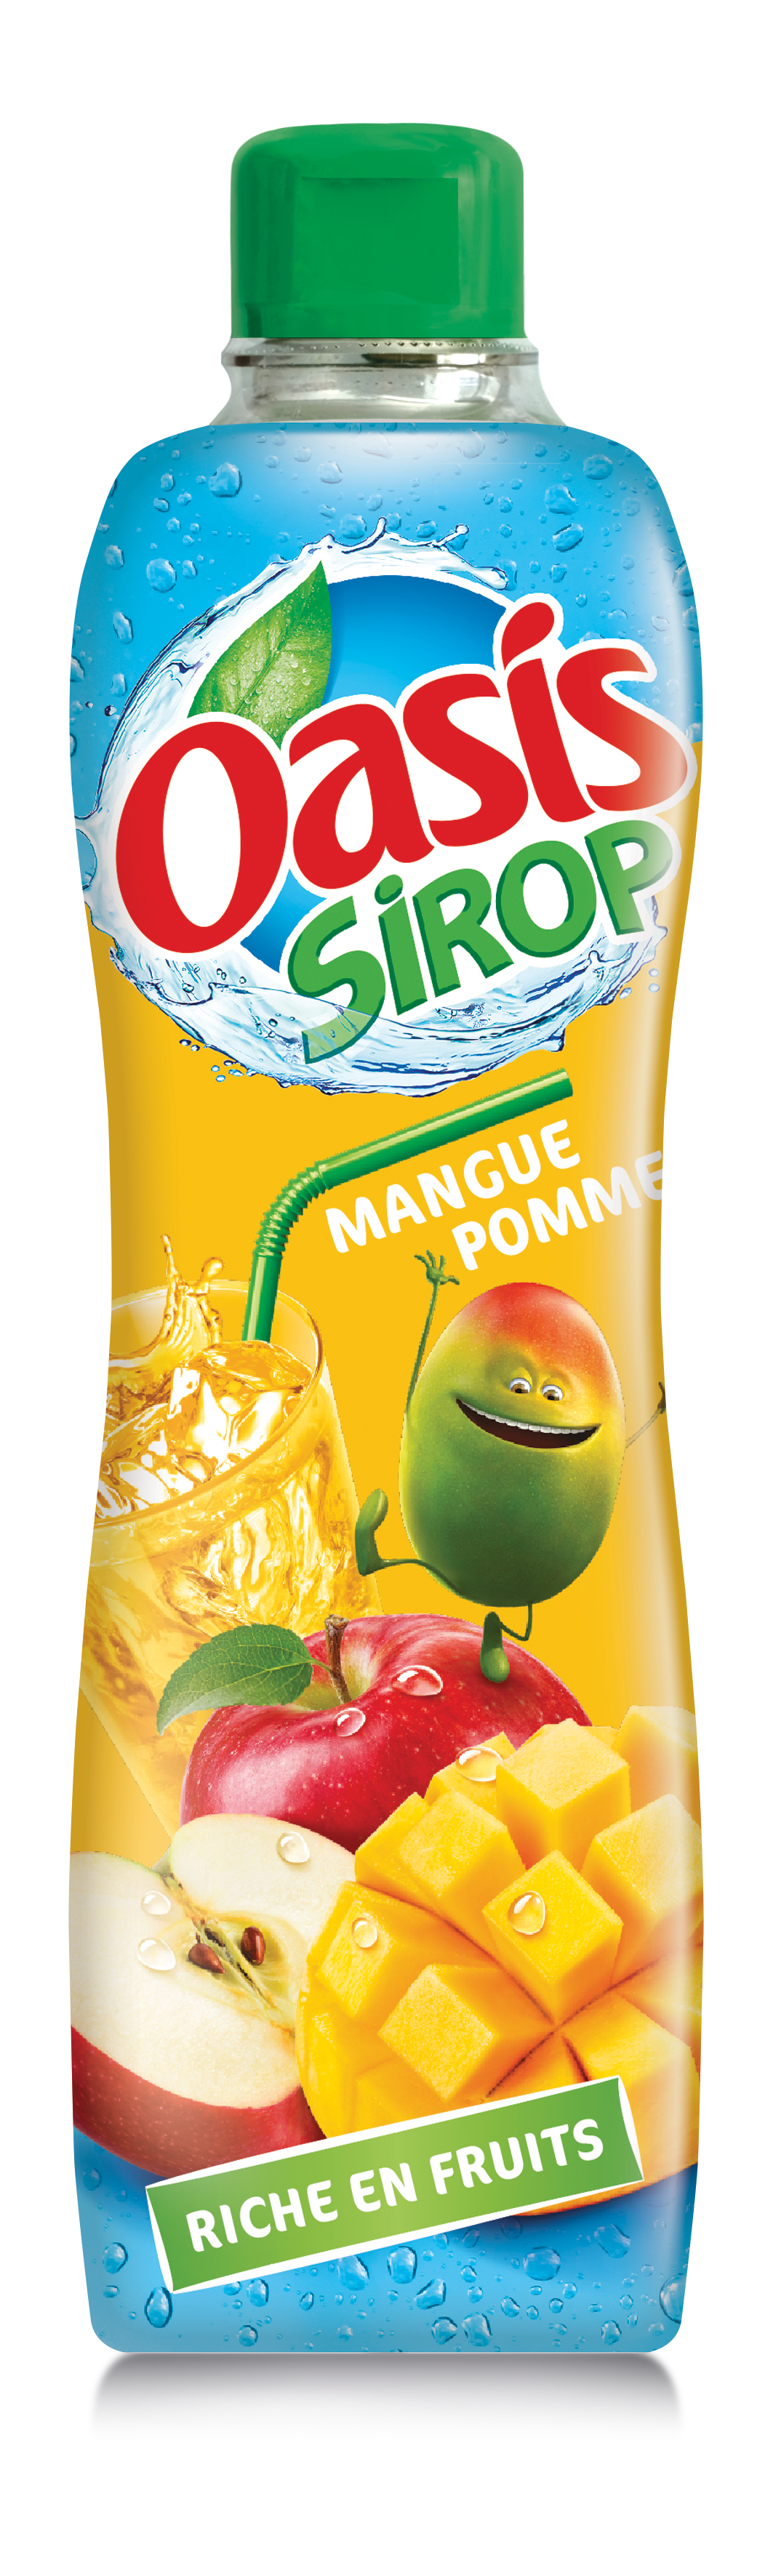 Mangue pomme - Oasis lance sa première gamme de sirops